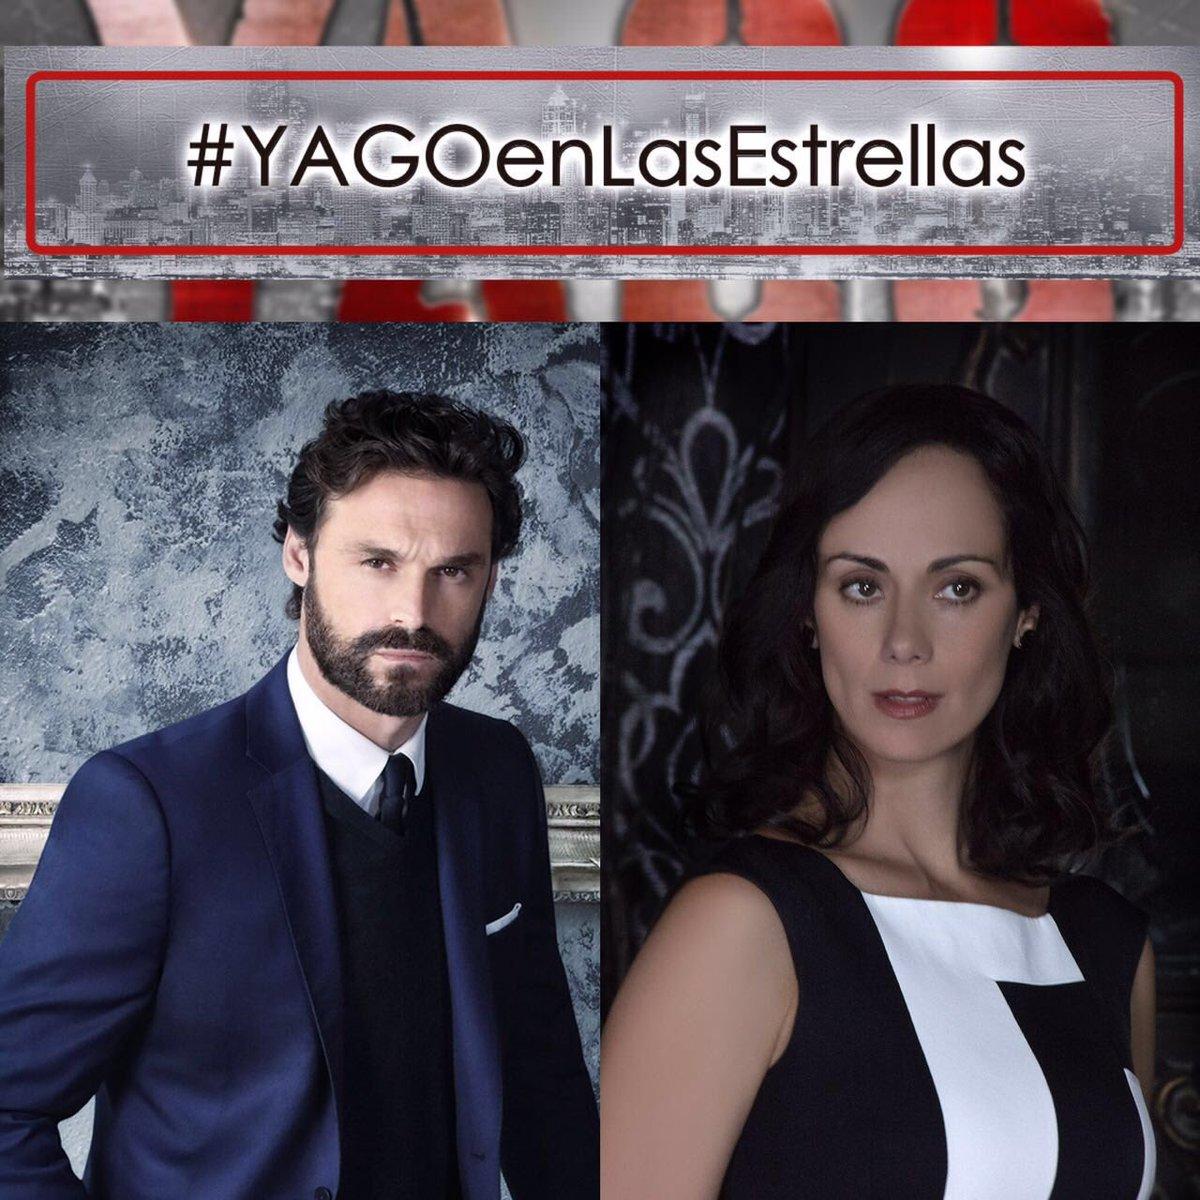 ¡Banda! ¿Listos? Conversemos con el hashtag #YAGOenLasEstrellas 10:30pm @Canal_Estrellas RT ¡Hagamos trending topic! https://t.co/w8bUaa9ugs